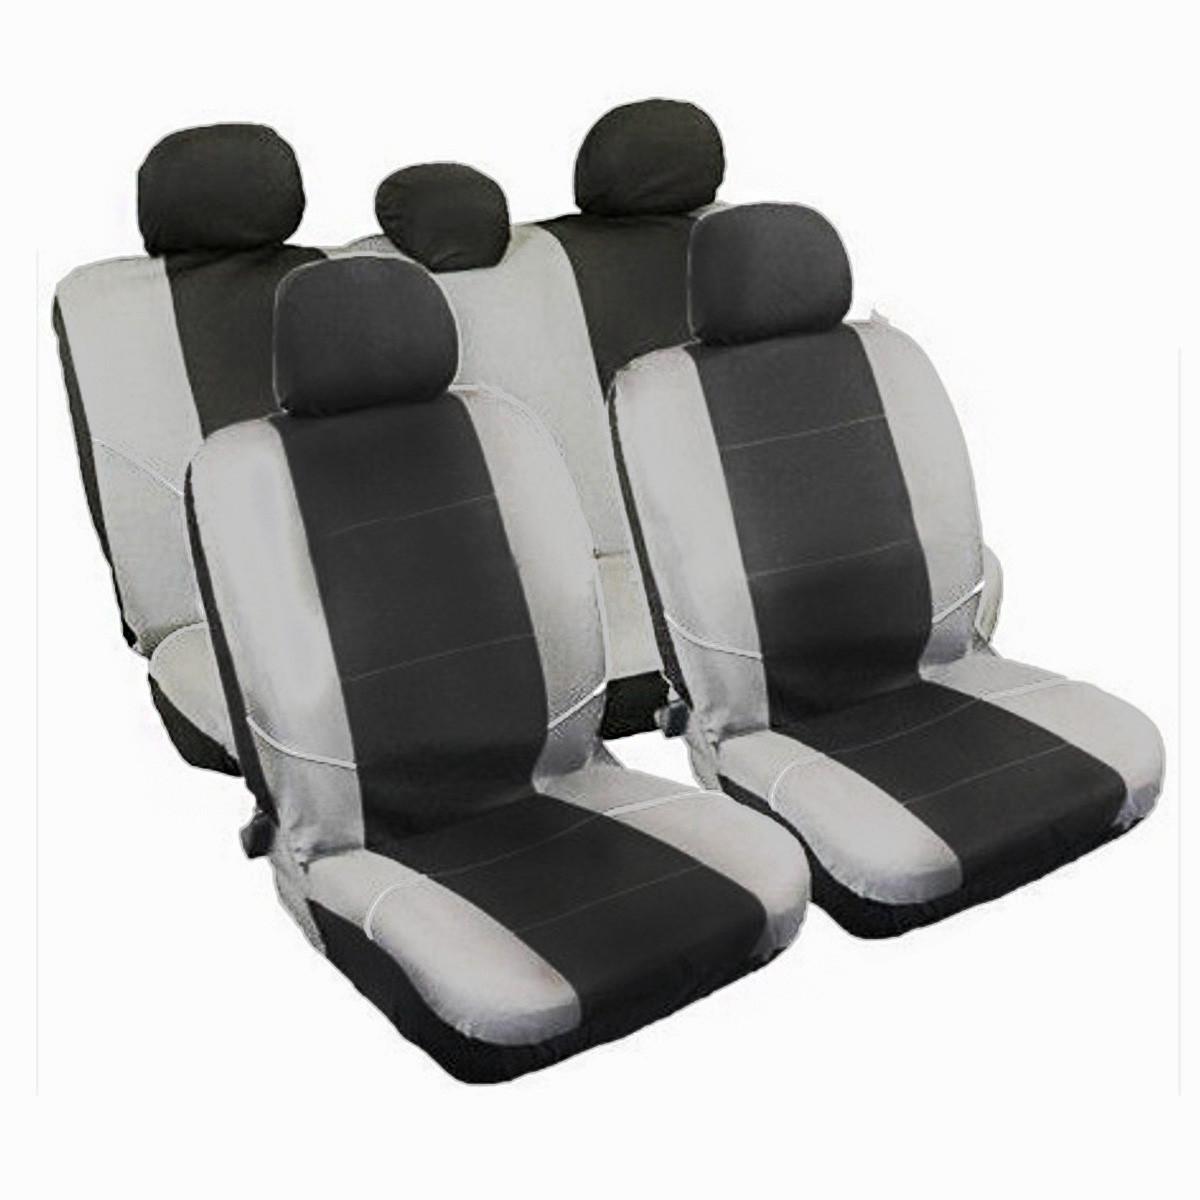 Automotive interieur accessoires promotie winkel voor for Interieur auto accessoires